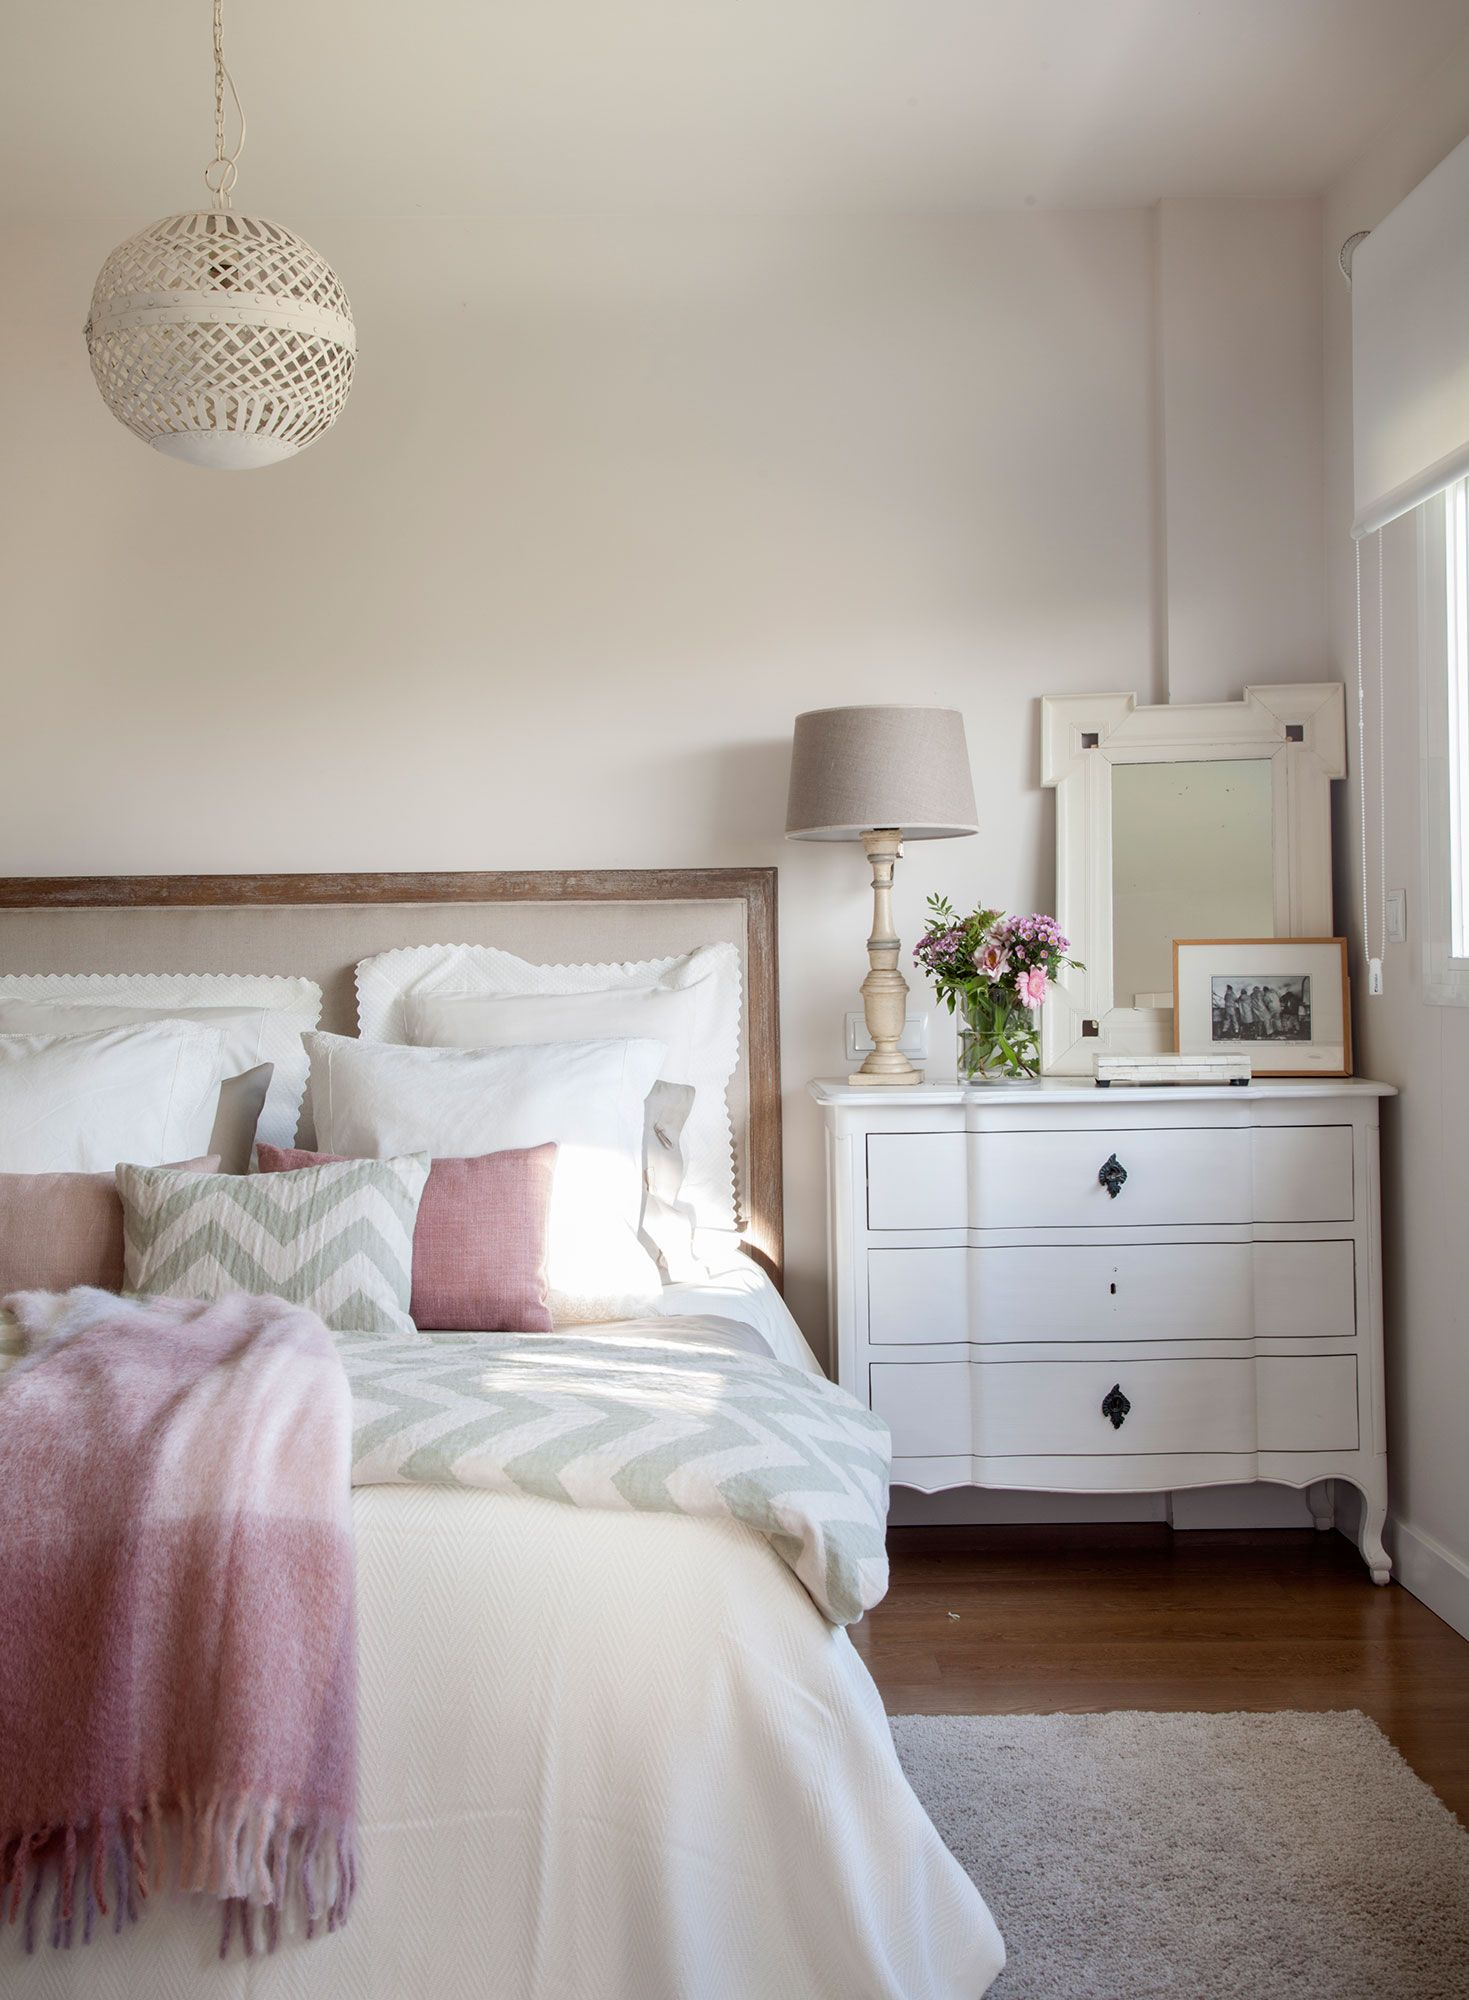 Mesillas de noche para el dormitorio decoraci n for Decoracion pieza matrimonial